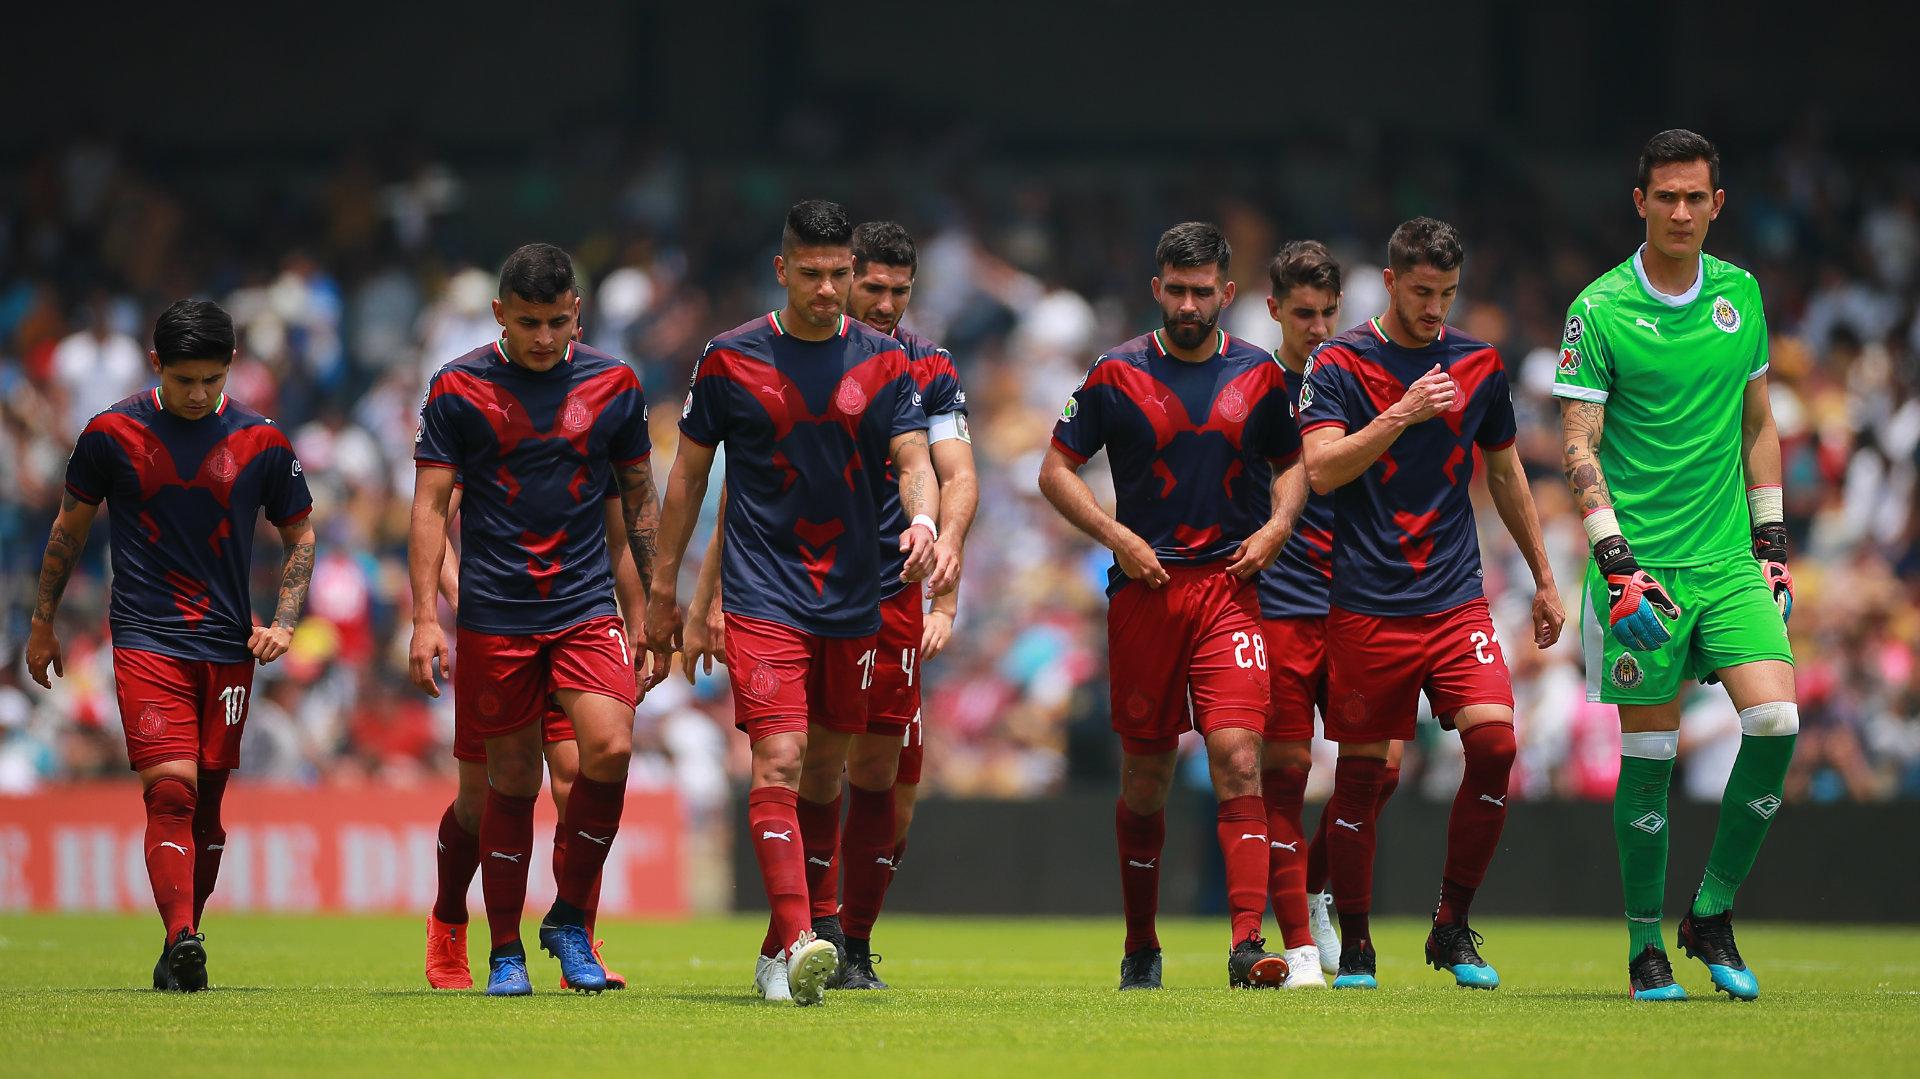 Chivas Clausura 2019 010319